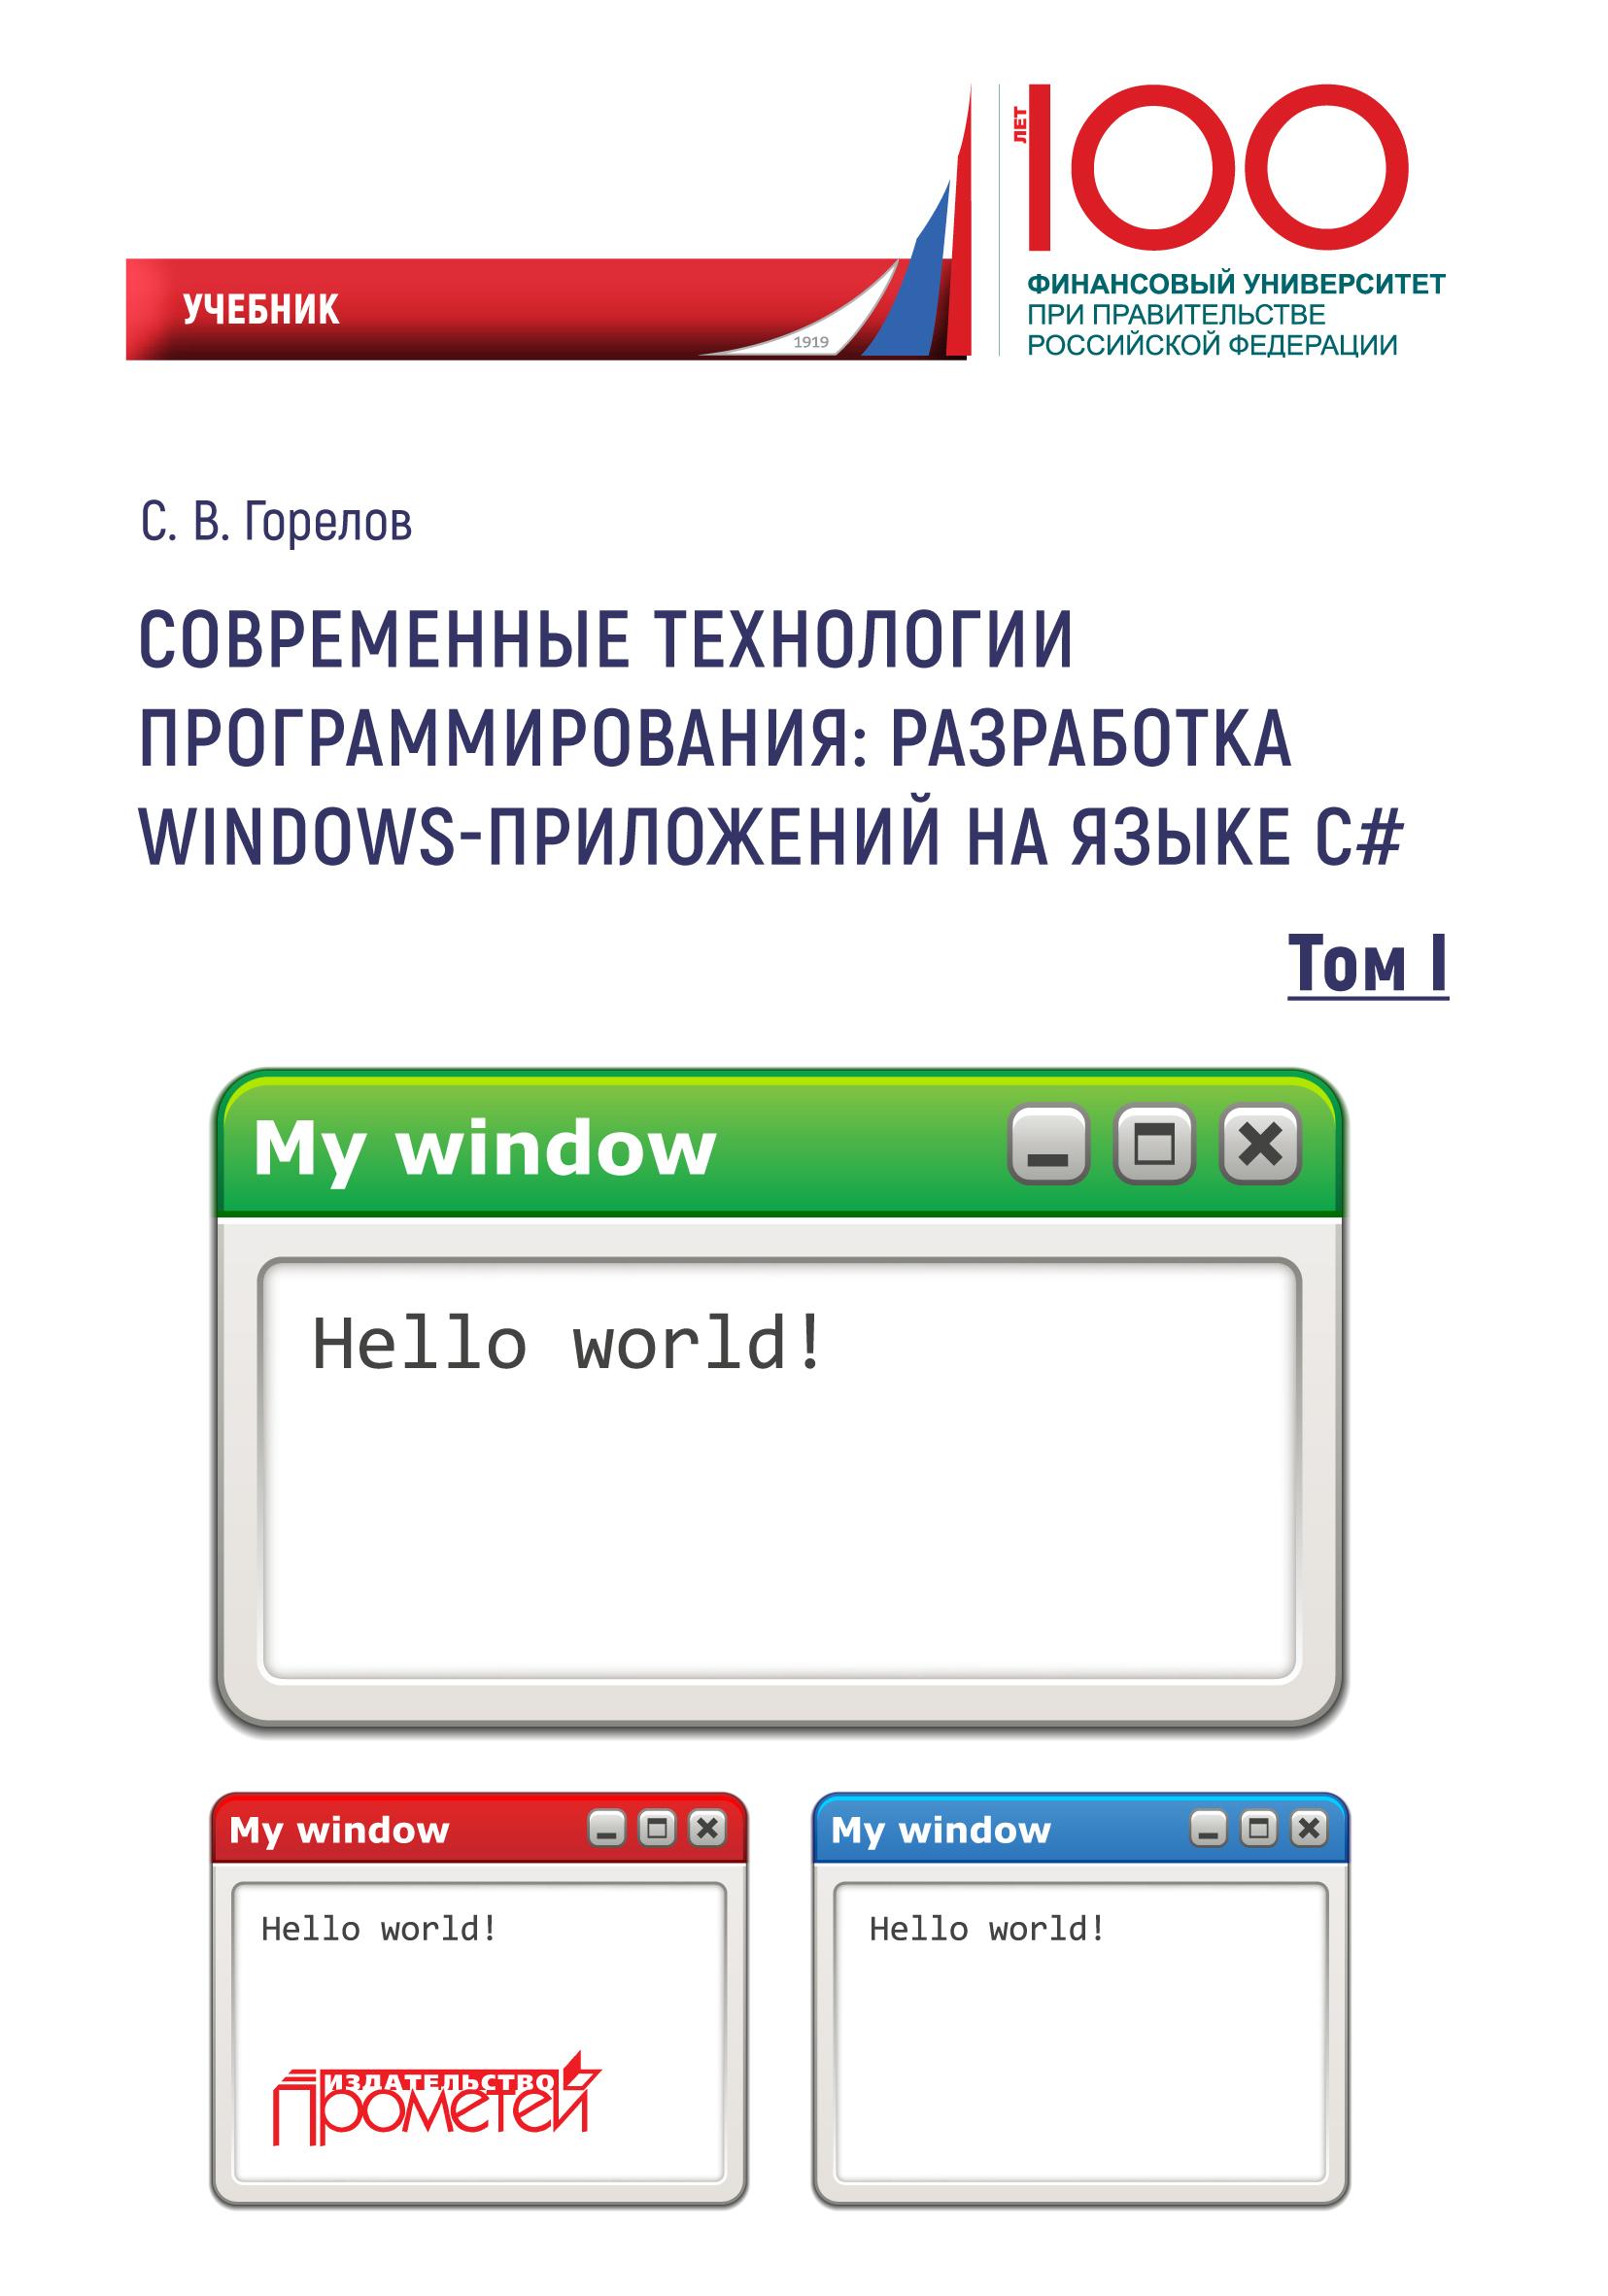 С. В. Горелов Современные технологии программирования: разработка Windows-приложений на языке С#. Том 1 с в горелов современные технологии программирования разработка windows приложений на языке с том 2